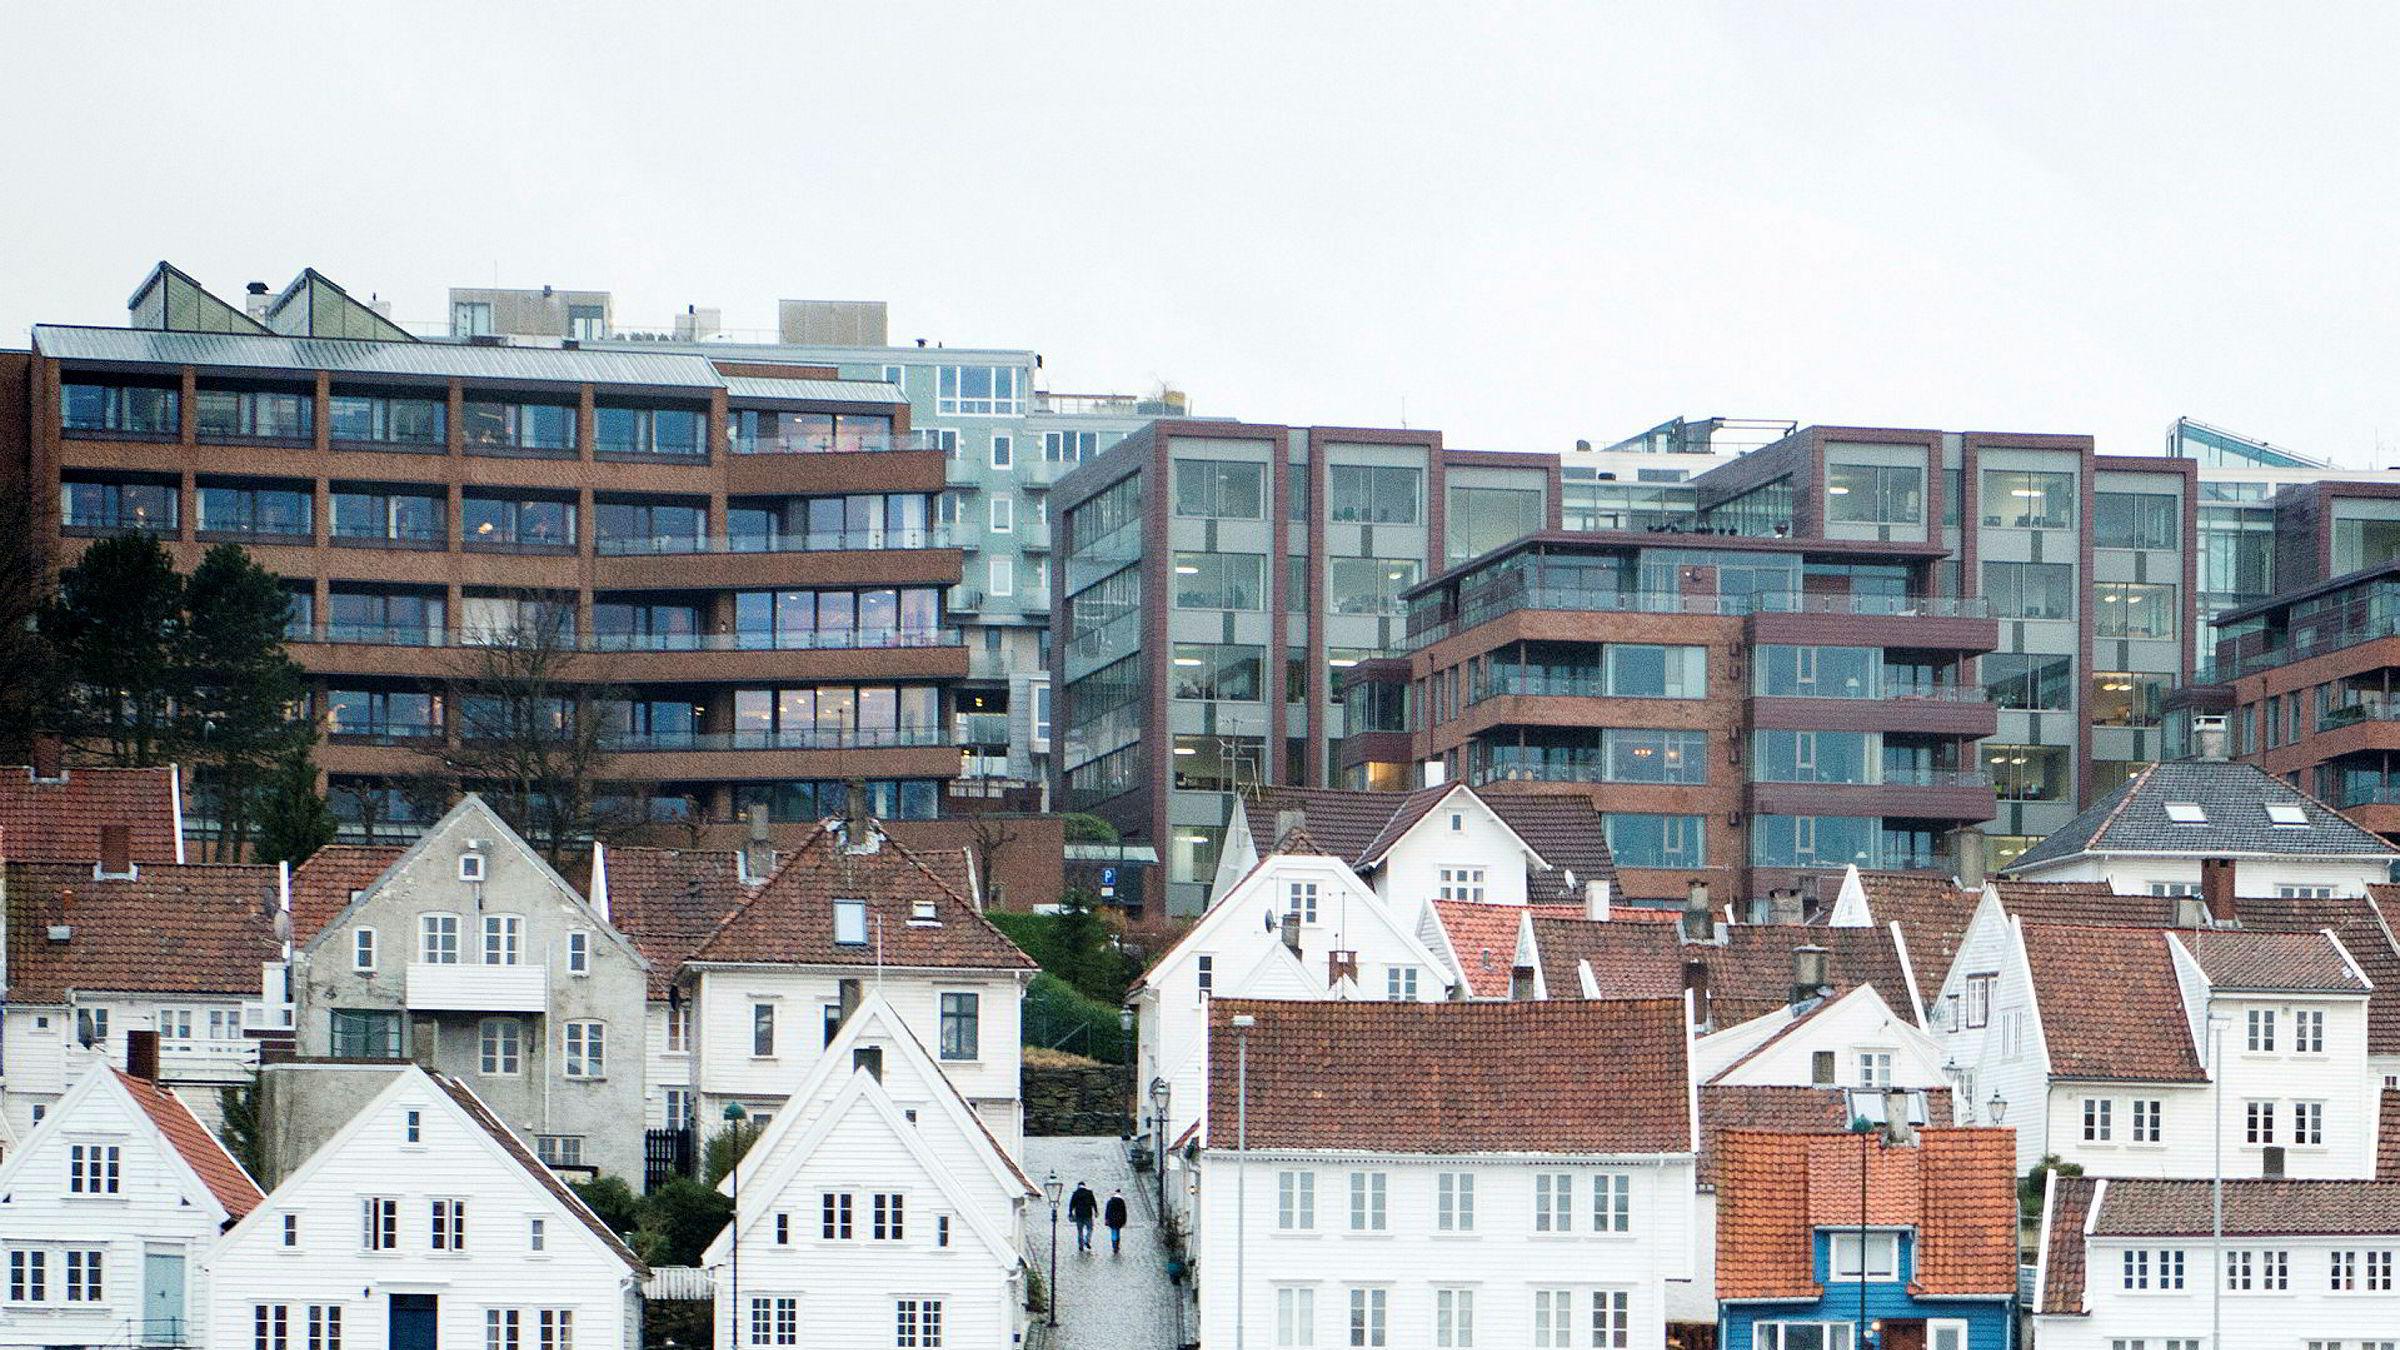 Av de fire største byene er det rimeligst å leie hybel i Stavanger, ifølge SSBs leiemarkedsundersøkelse.